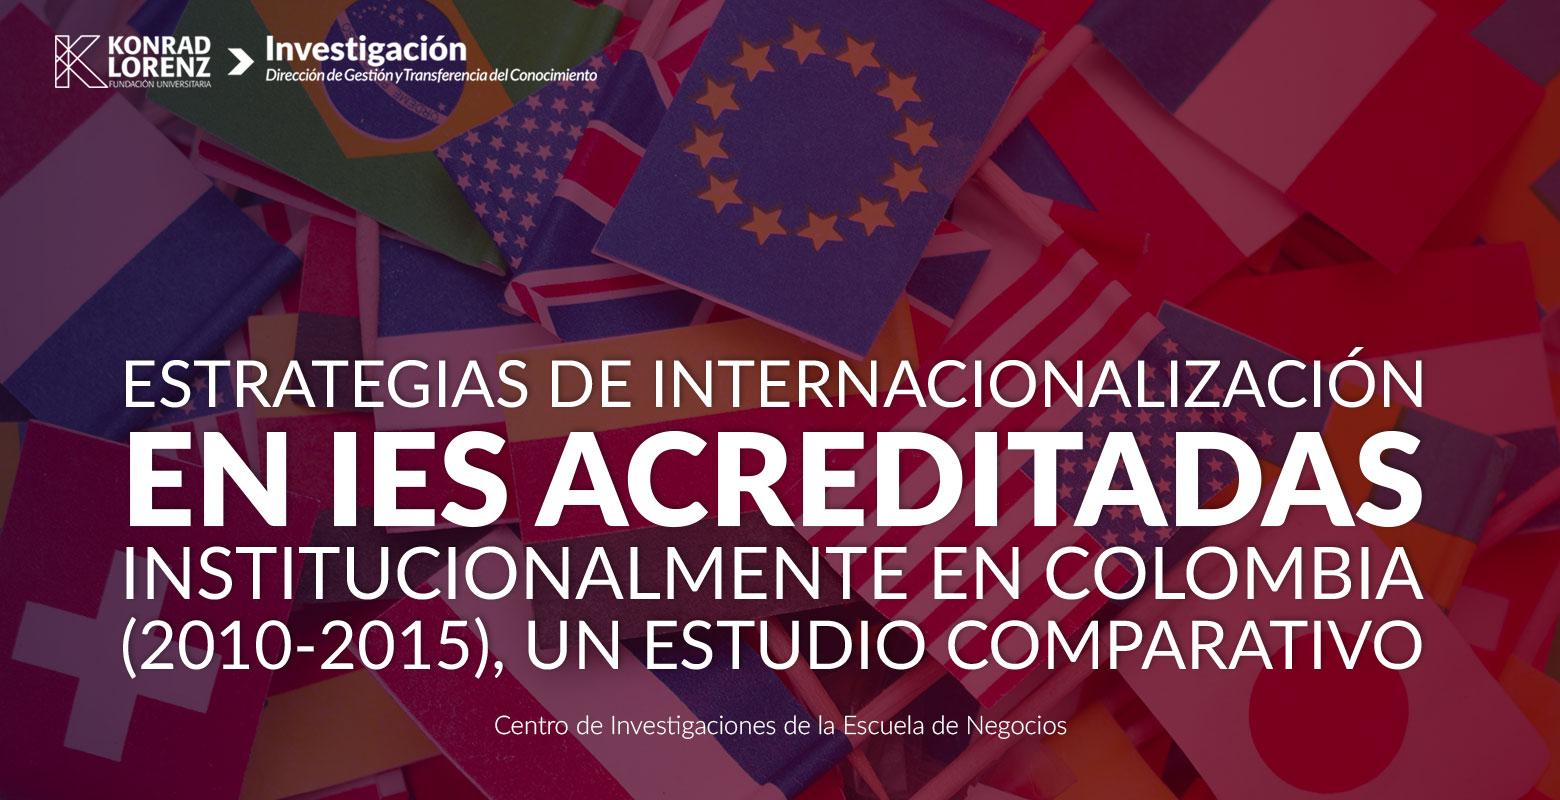 Estrategias de internacionalización en IES acreditadas institucionalmente en Colombia (2010-2015), un estudio comparativo